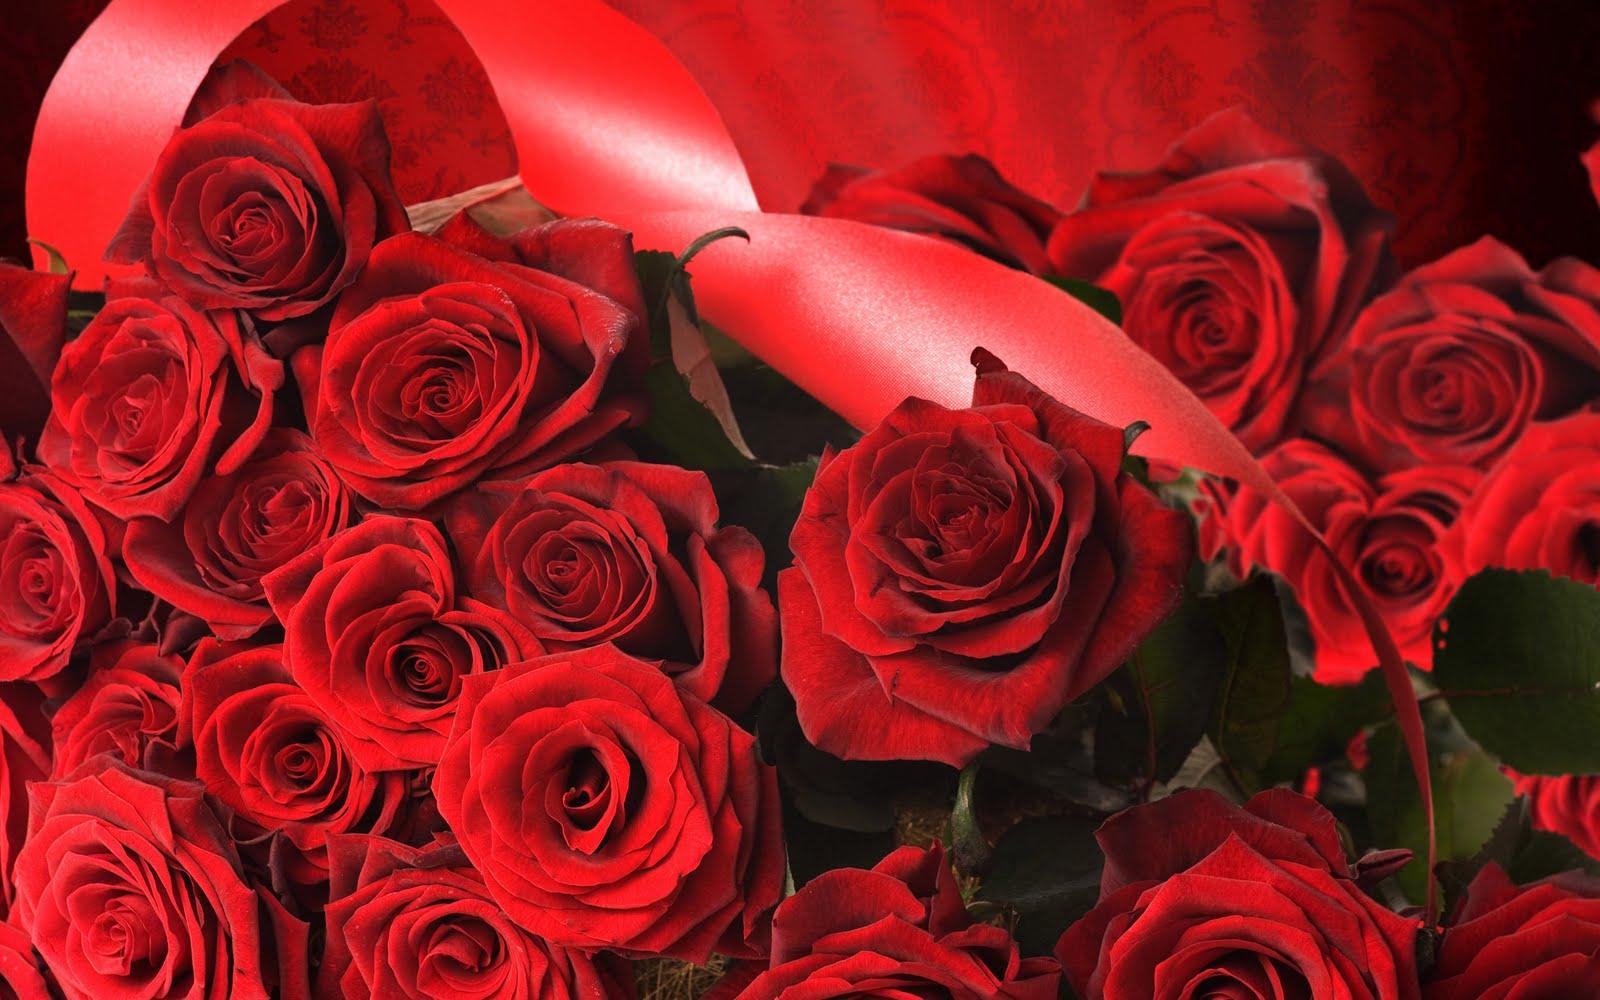 Imagenes bonitas rosas rojas Imagenes bellas para  - Imagenes De Rosas Hermosas Rojas